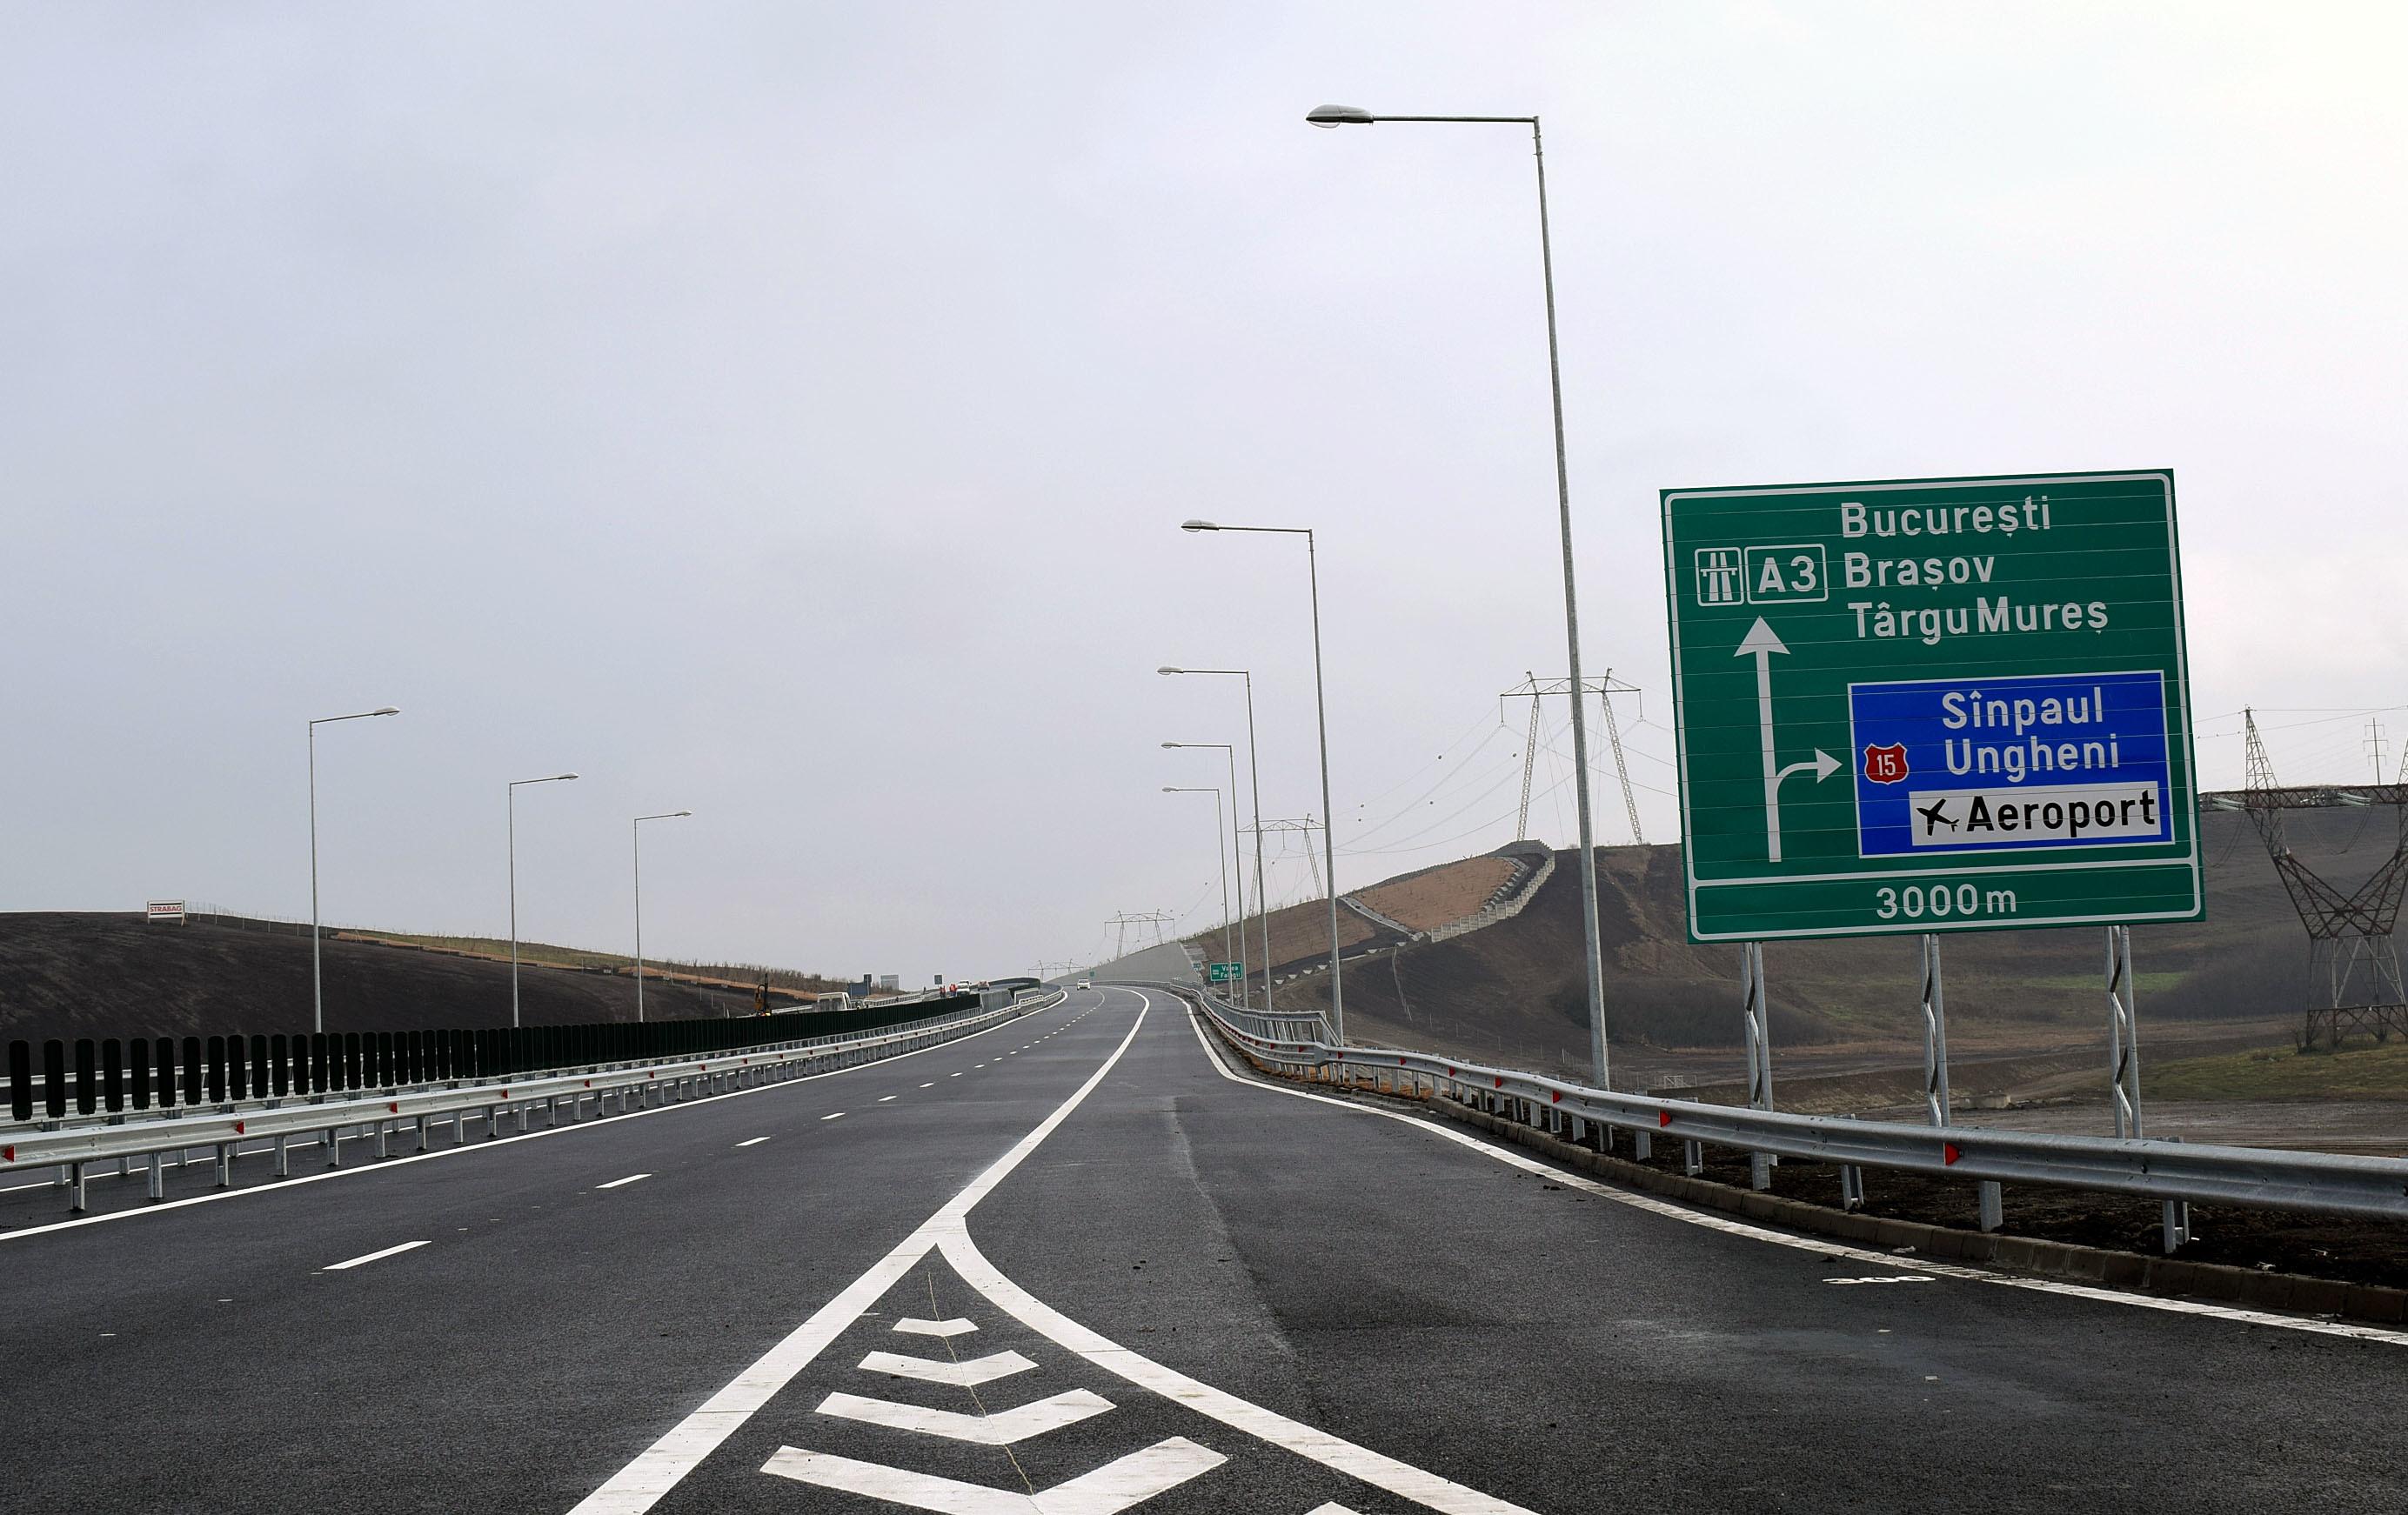 Secretar de stat în Ministerul Transporturilor: Sectorul de autostradă Ungheni-Târgu Mureș va fi gata până la finalul anului